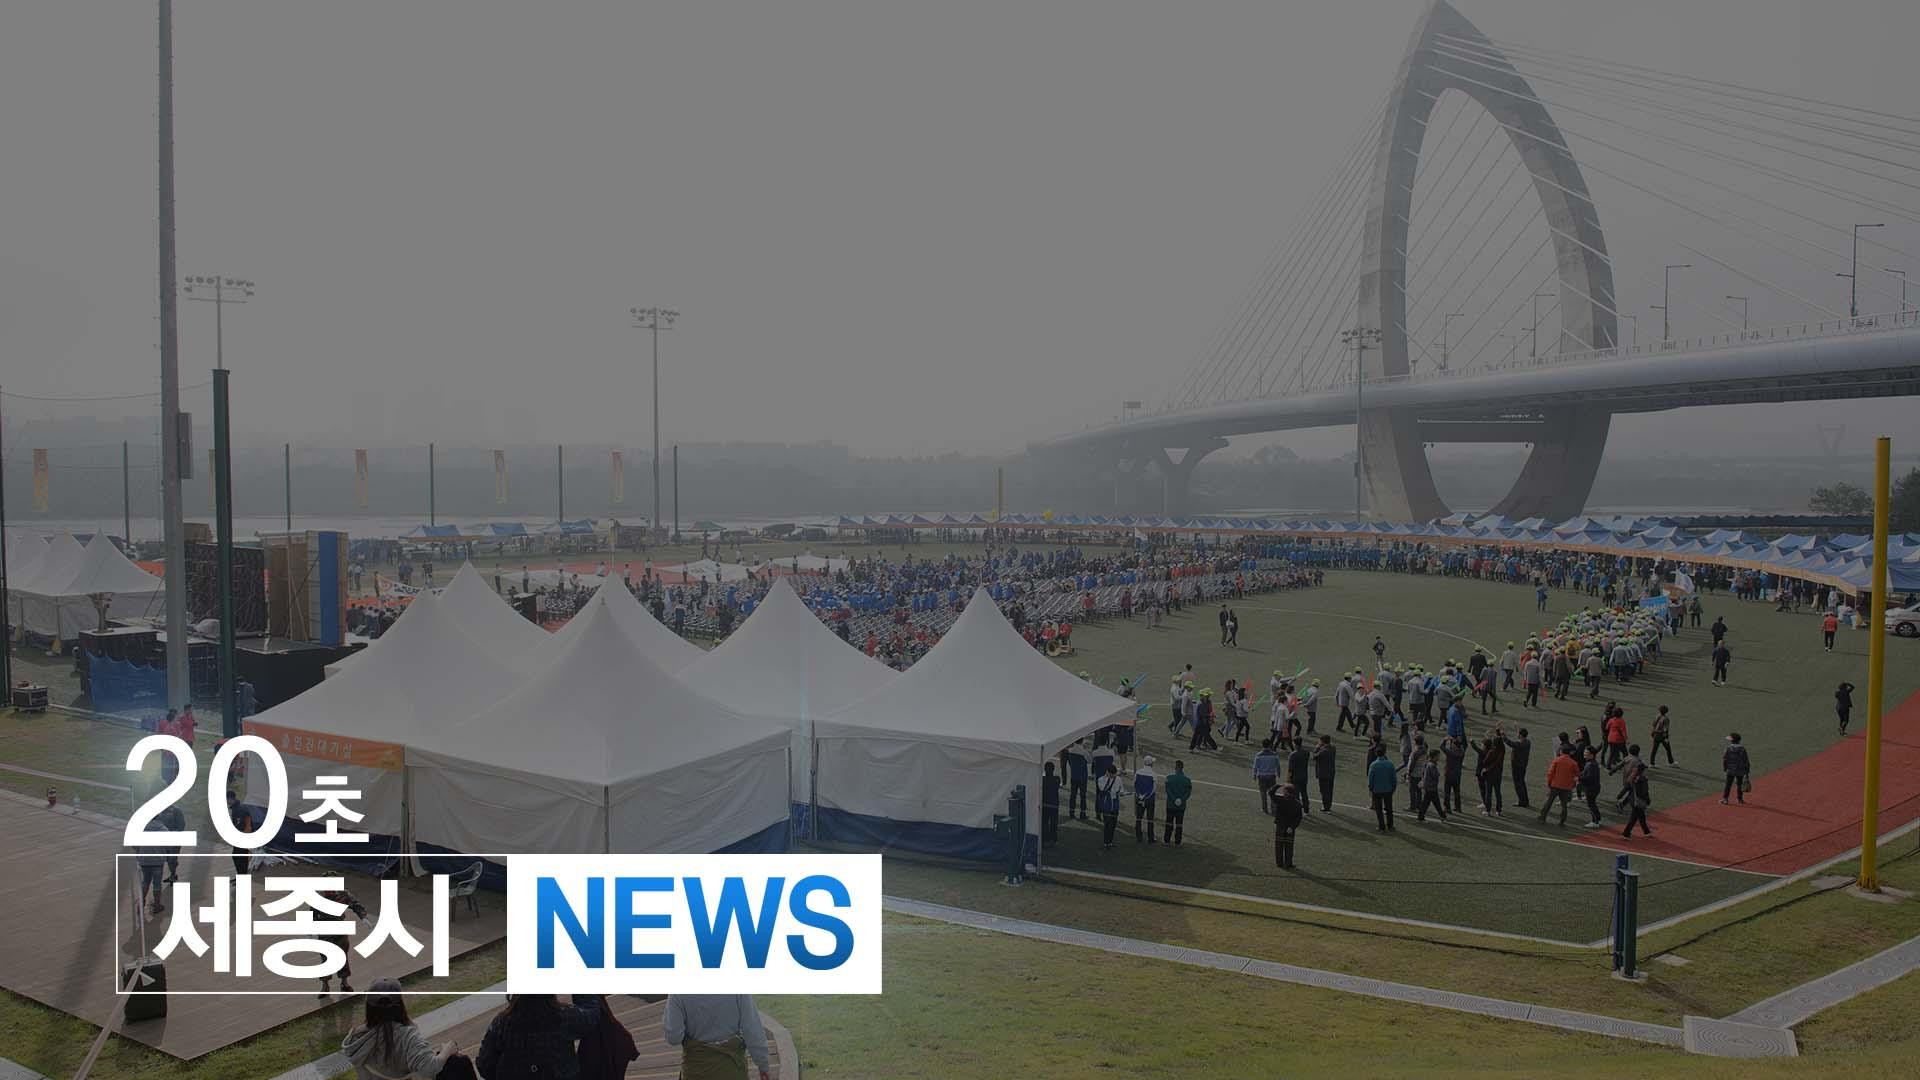 <20초뉴스> 세종시민 화합 한마당 시민체육대회